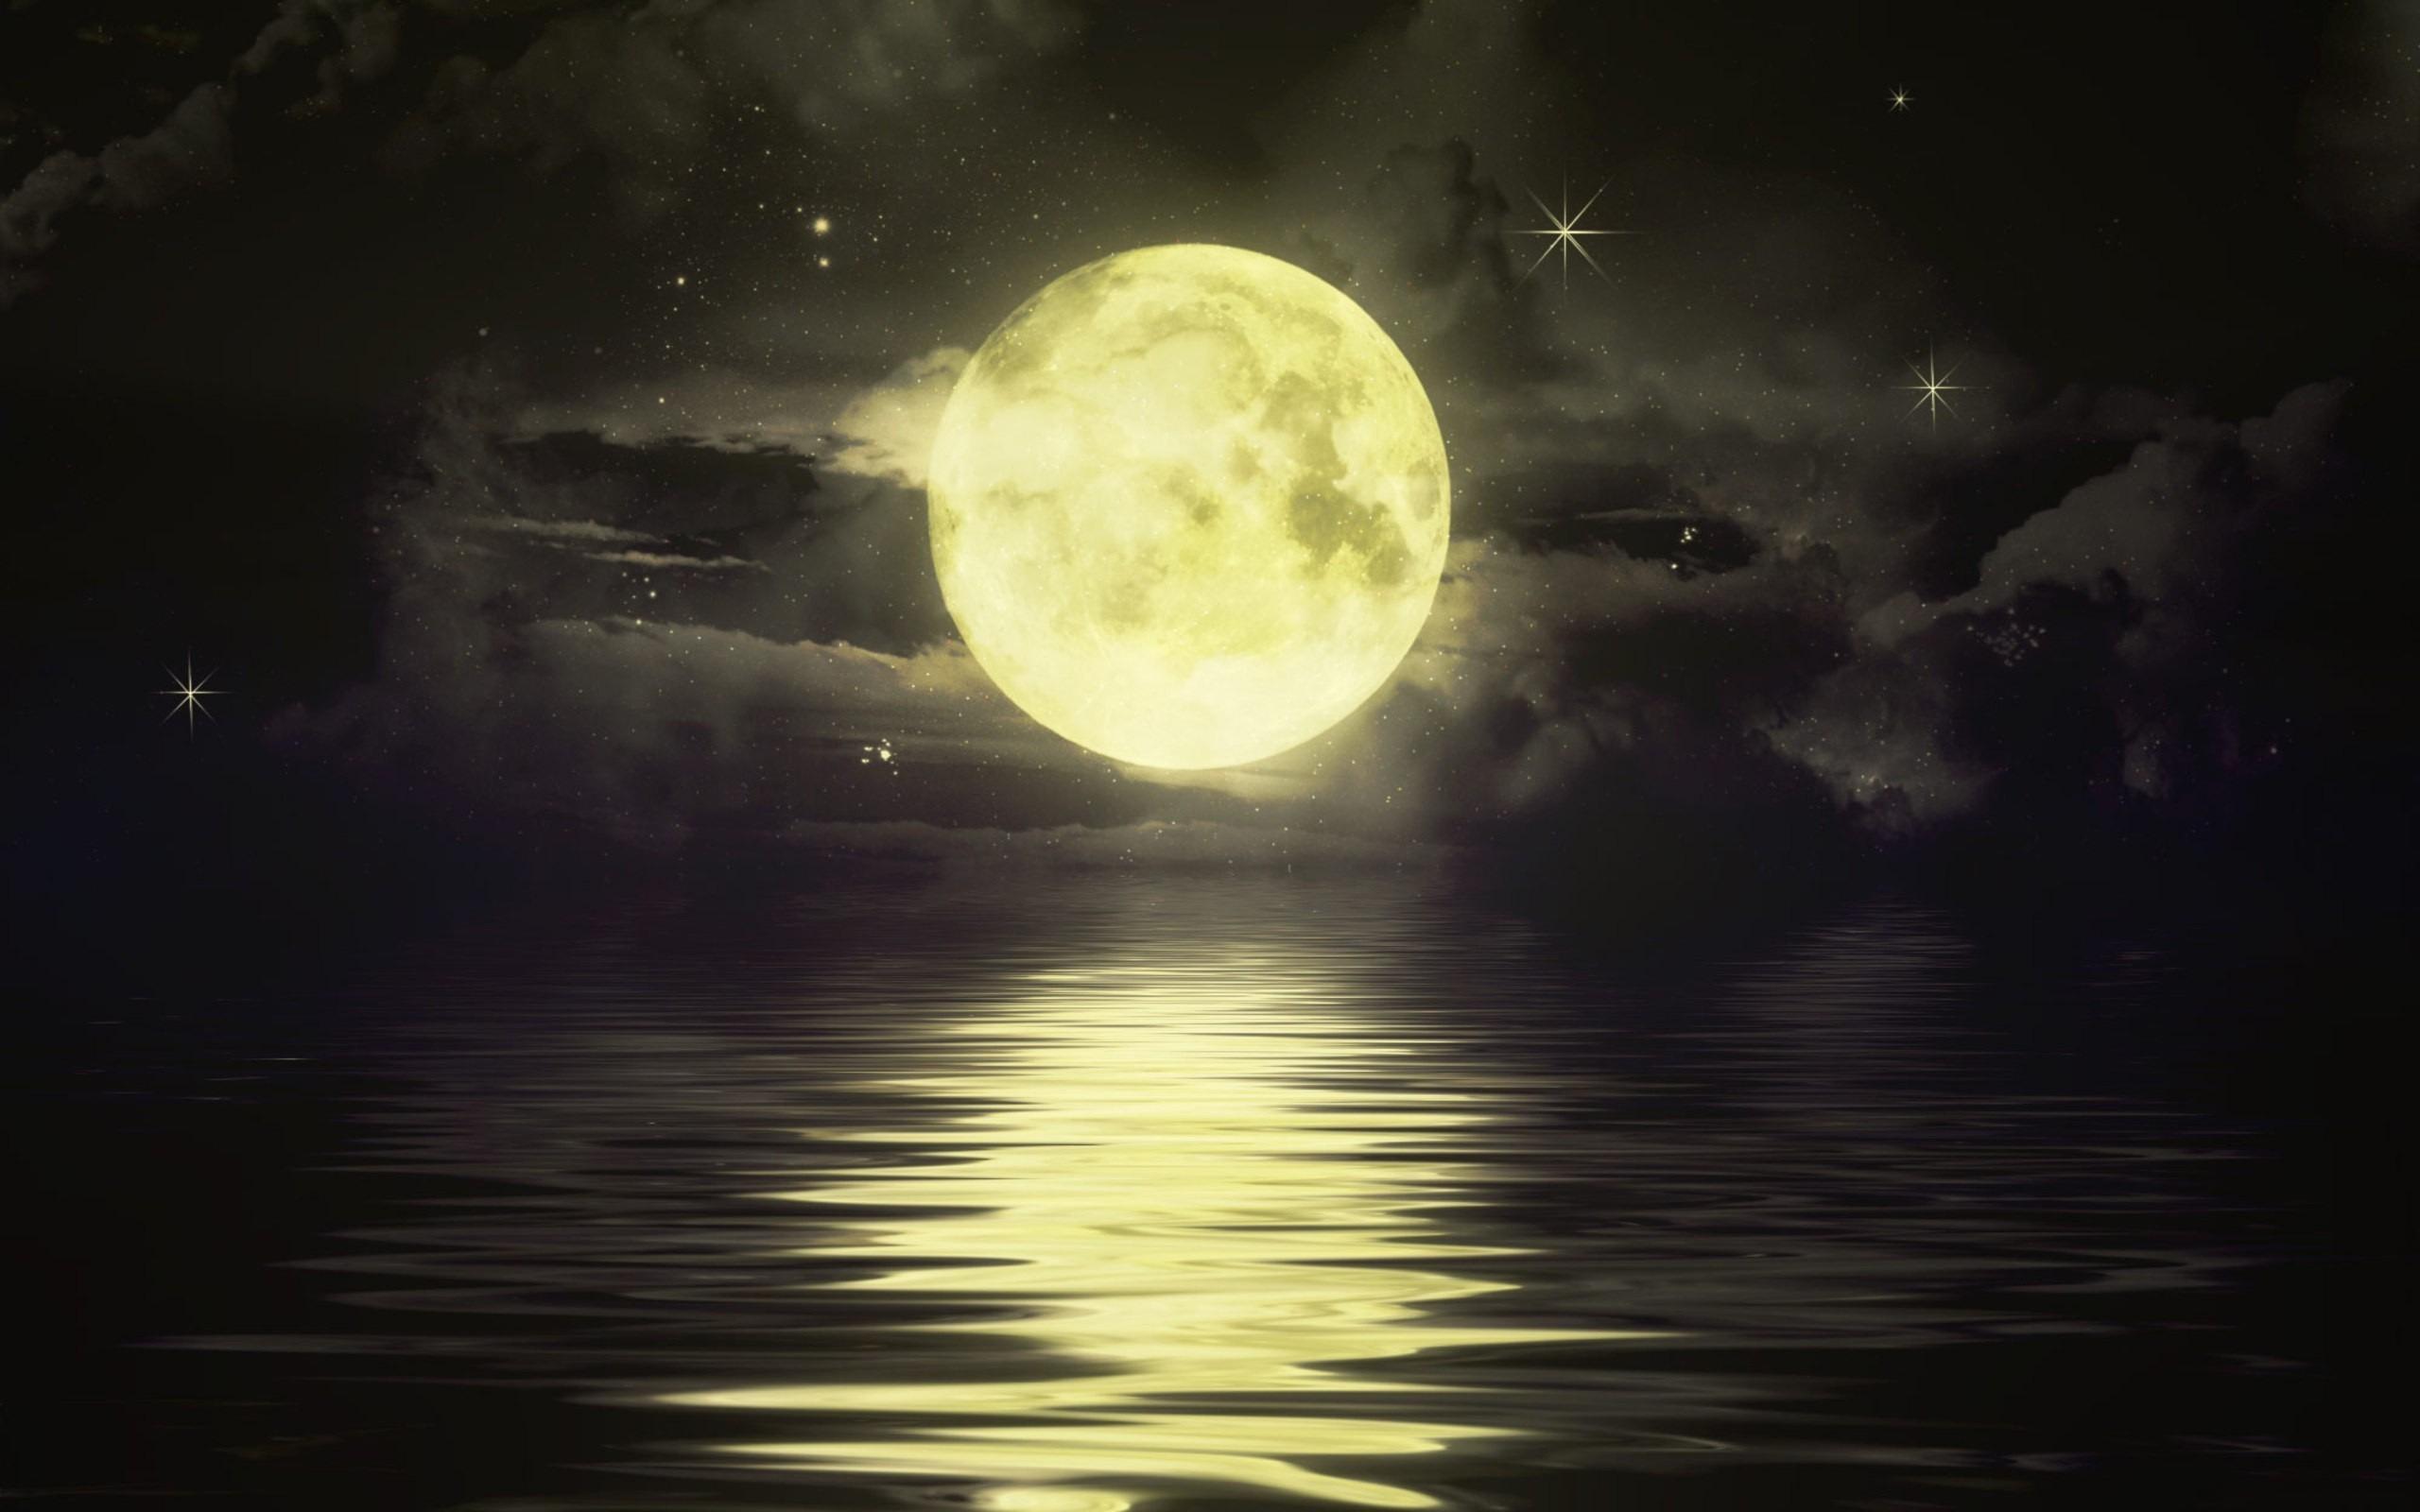 night sky wallpaper 11299